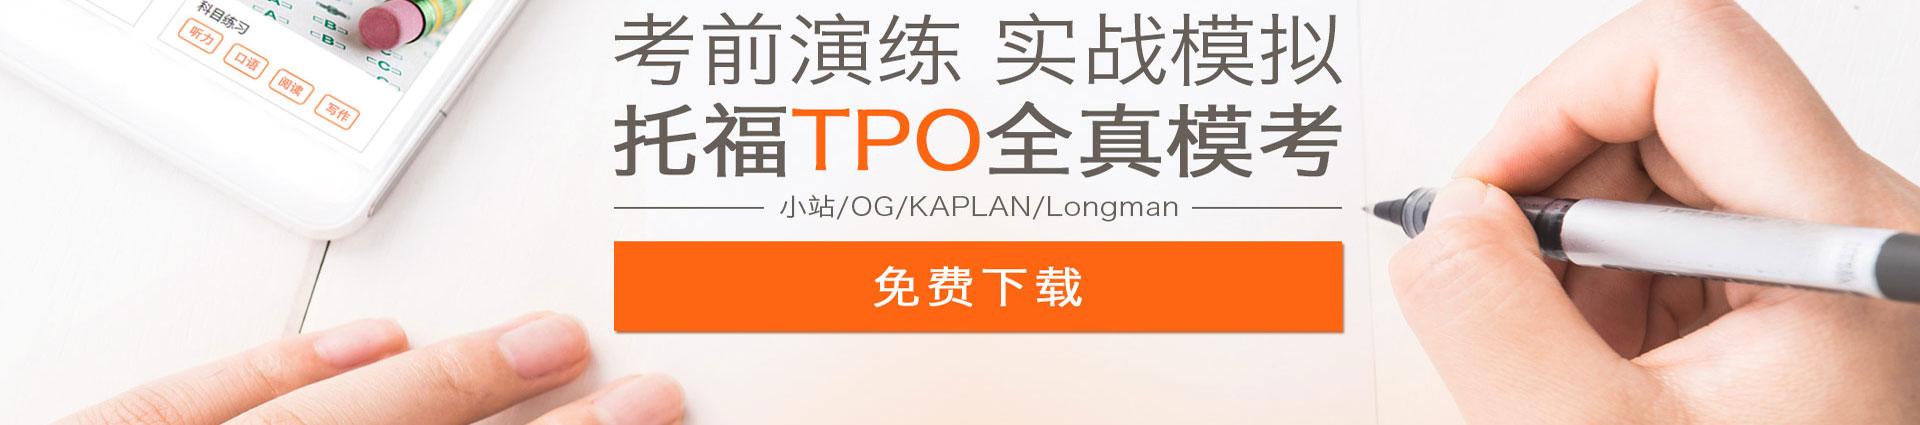 托福TPO模考软件免费下载